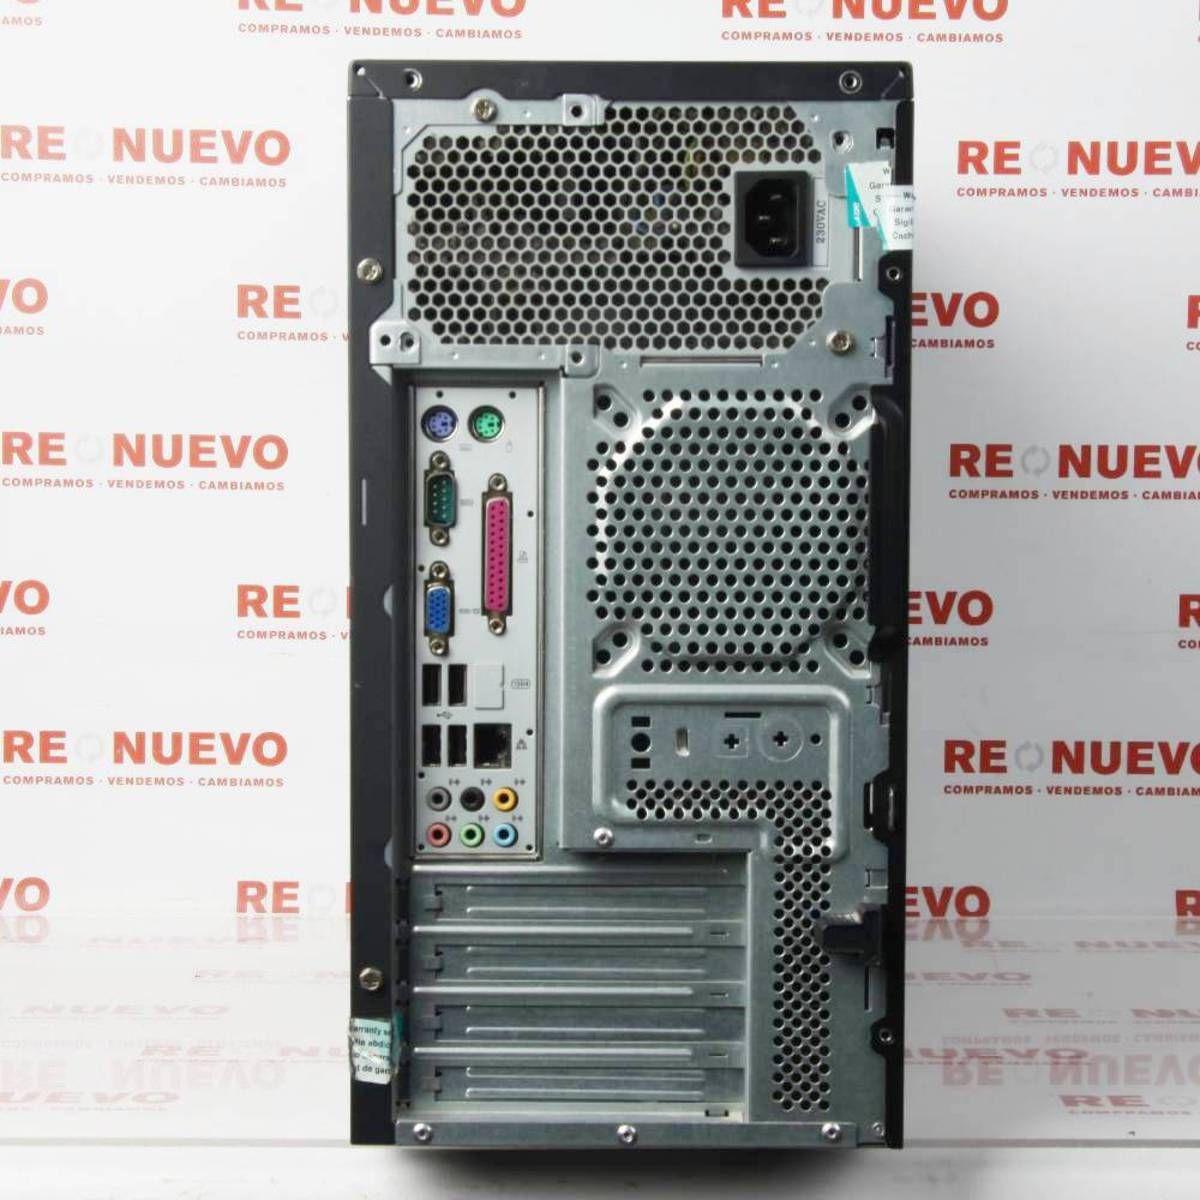 Ordenador Amd Athlon 64x2 A 2 20ghz De Segunda Mano E277331